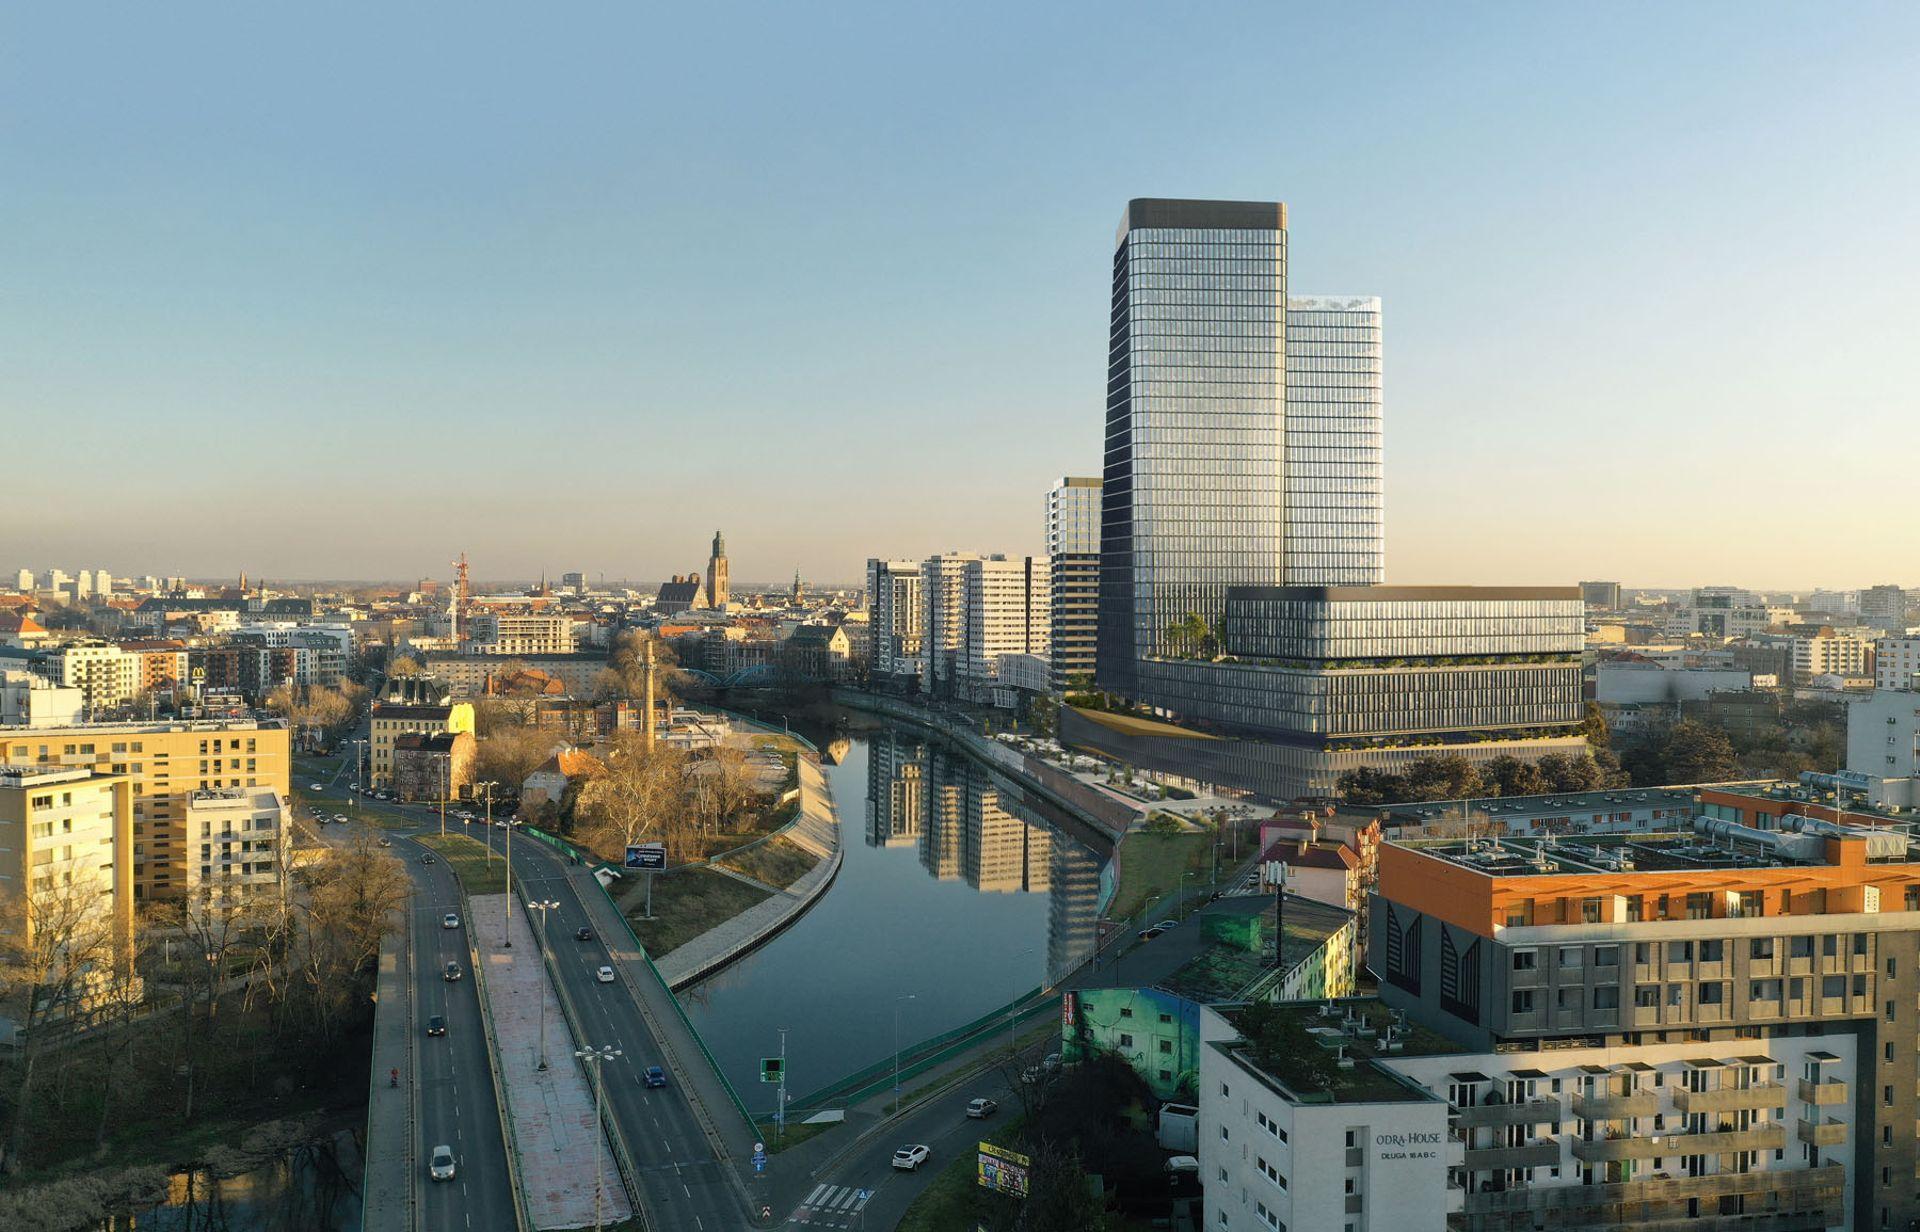 W centrum Wrocławia trwa budowa 73-metrowego wieżowca kompleksu Quorum